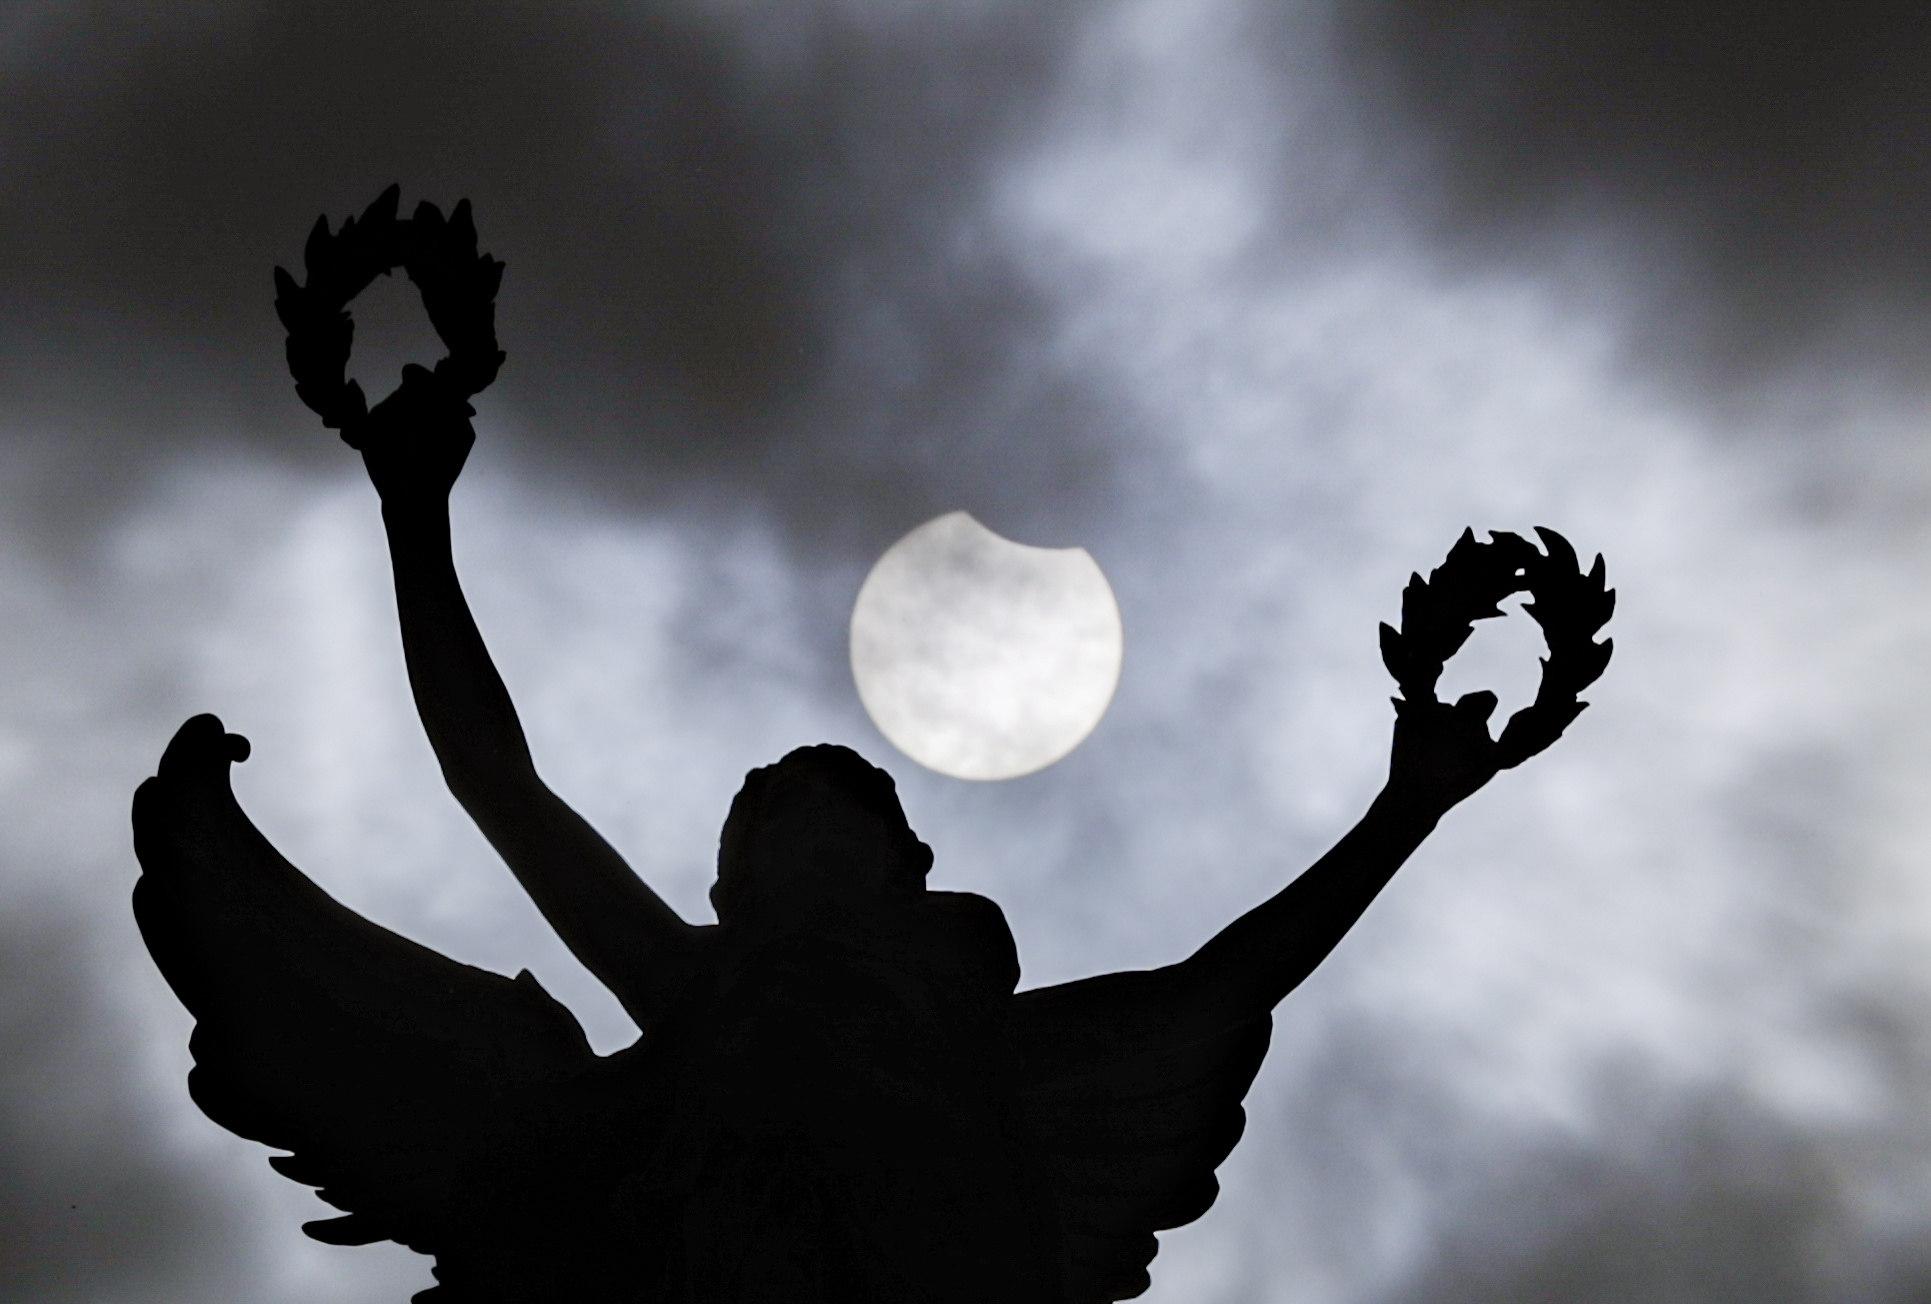 El fenómeno astronómico, visto detrás de una estatua en el parque Jubilee de Bruselas.